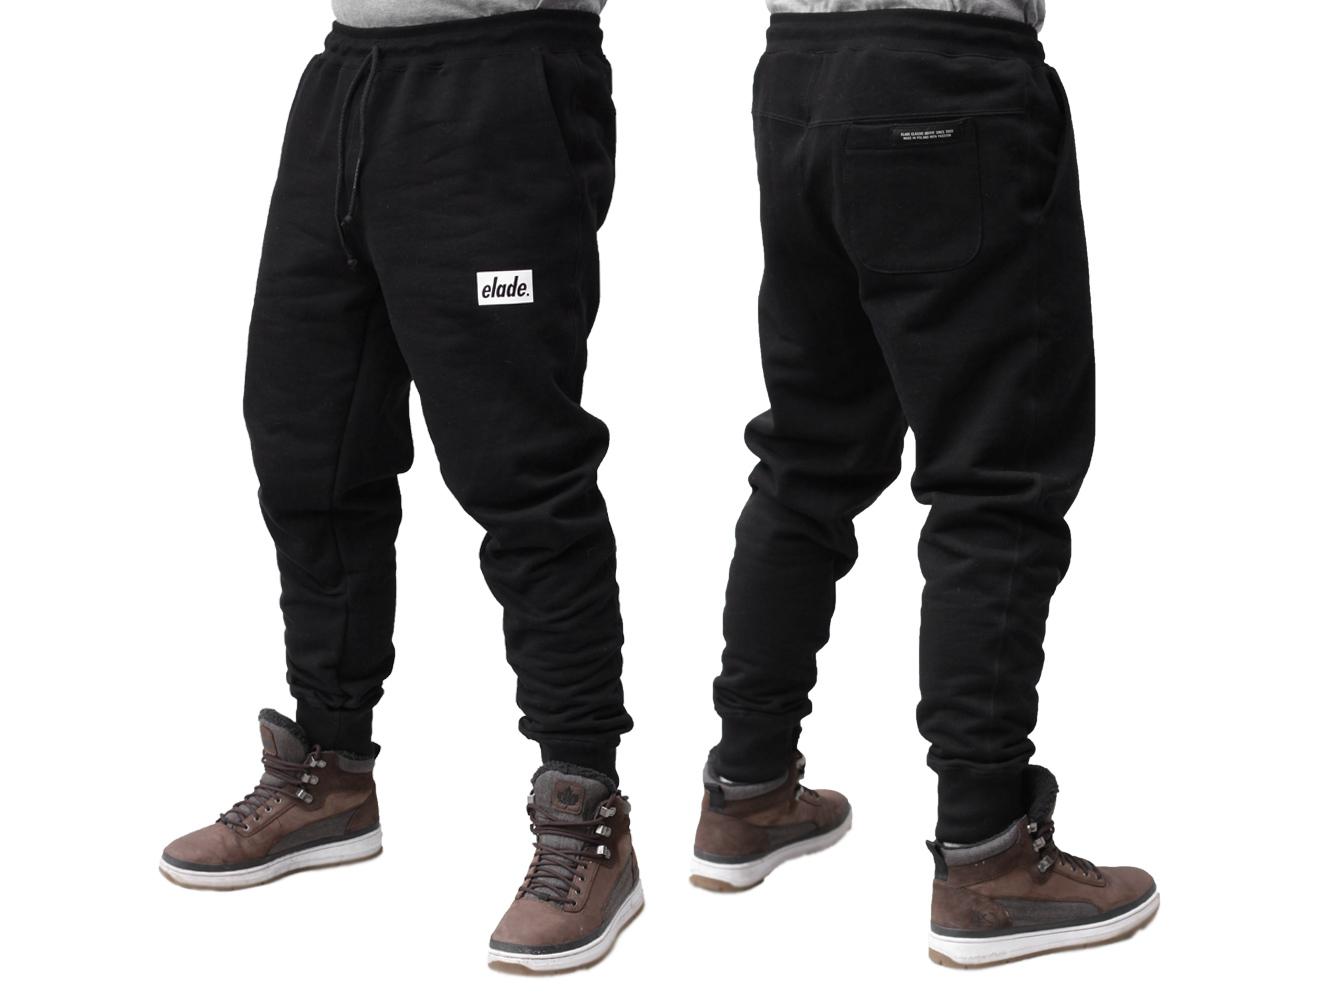 najwyższa jakość nowa wysoka jakość wysoka moda Spodnie Dresowe Elade Mini Box Czarne M - 7249375513 ...